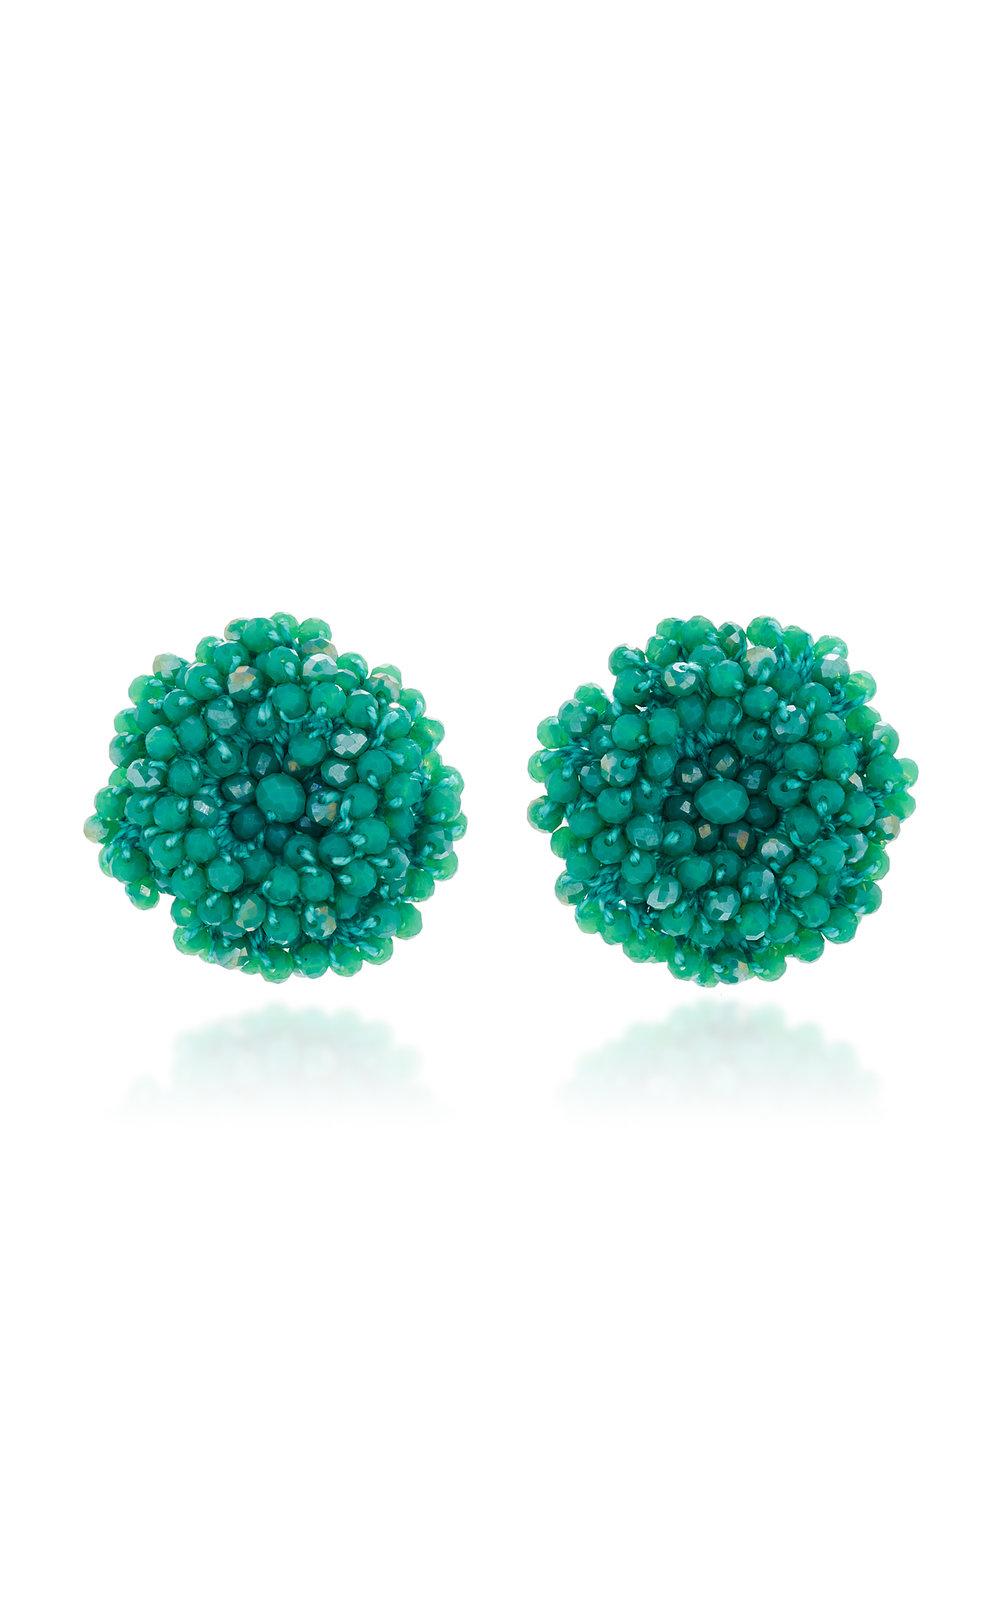 large_bibi-marini-green-mint-beaded-blossom-earrings.jpg